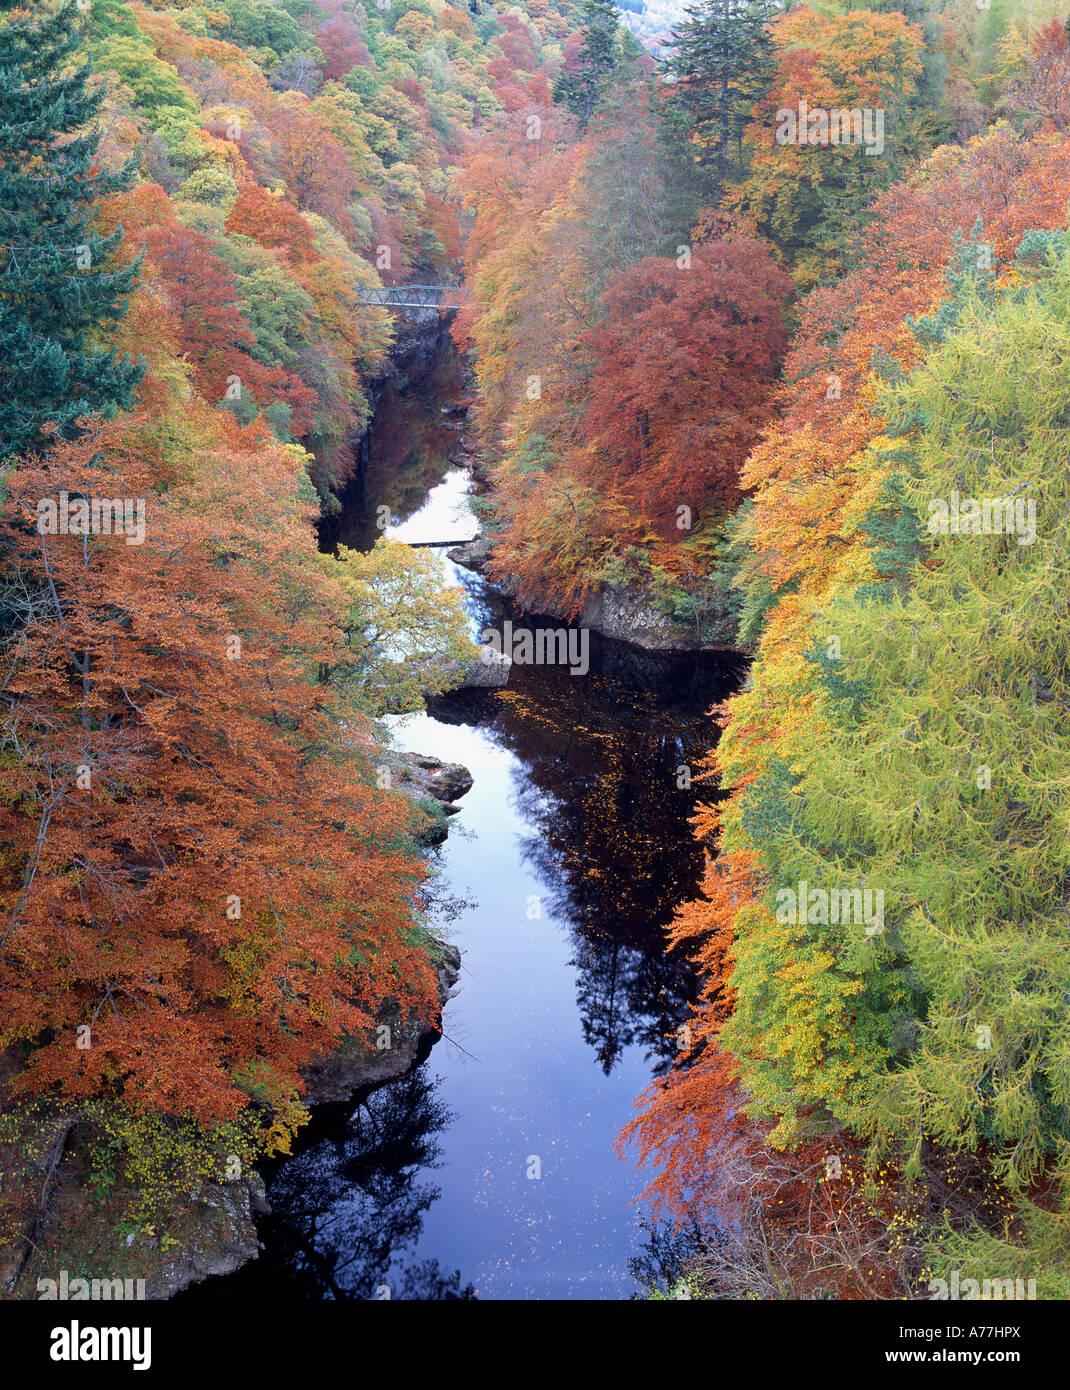 La rivière Garry dans le col de Killiecrankie, Perth et Kinross, Scotland, UK Banque D'Images